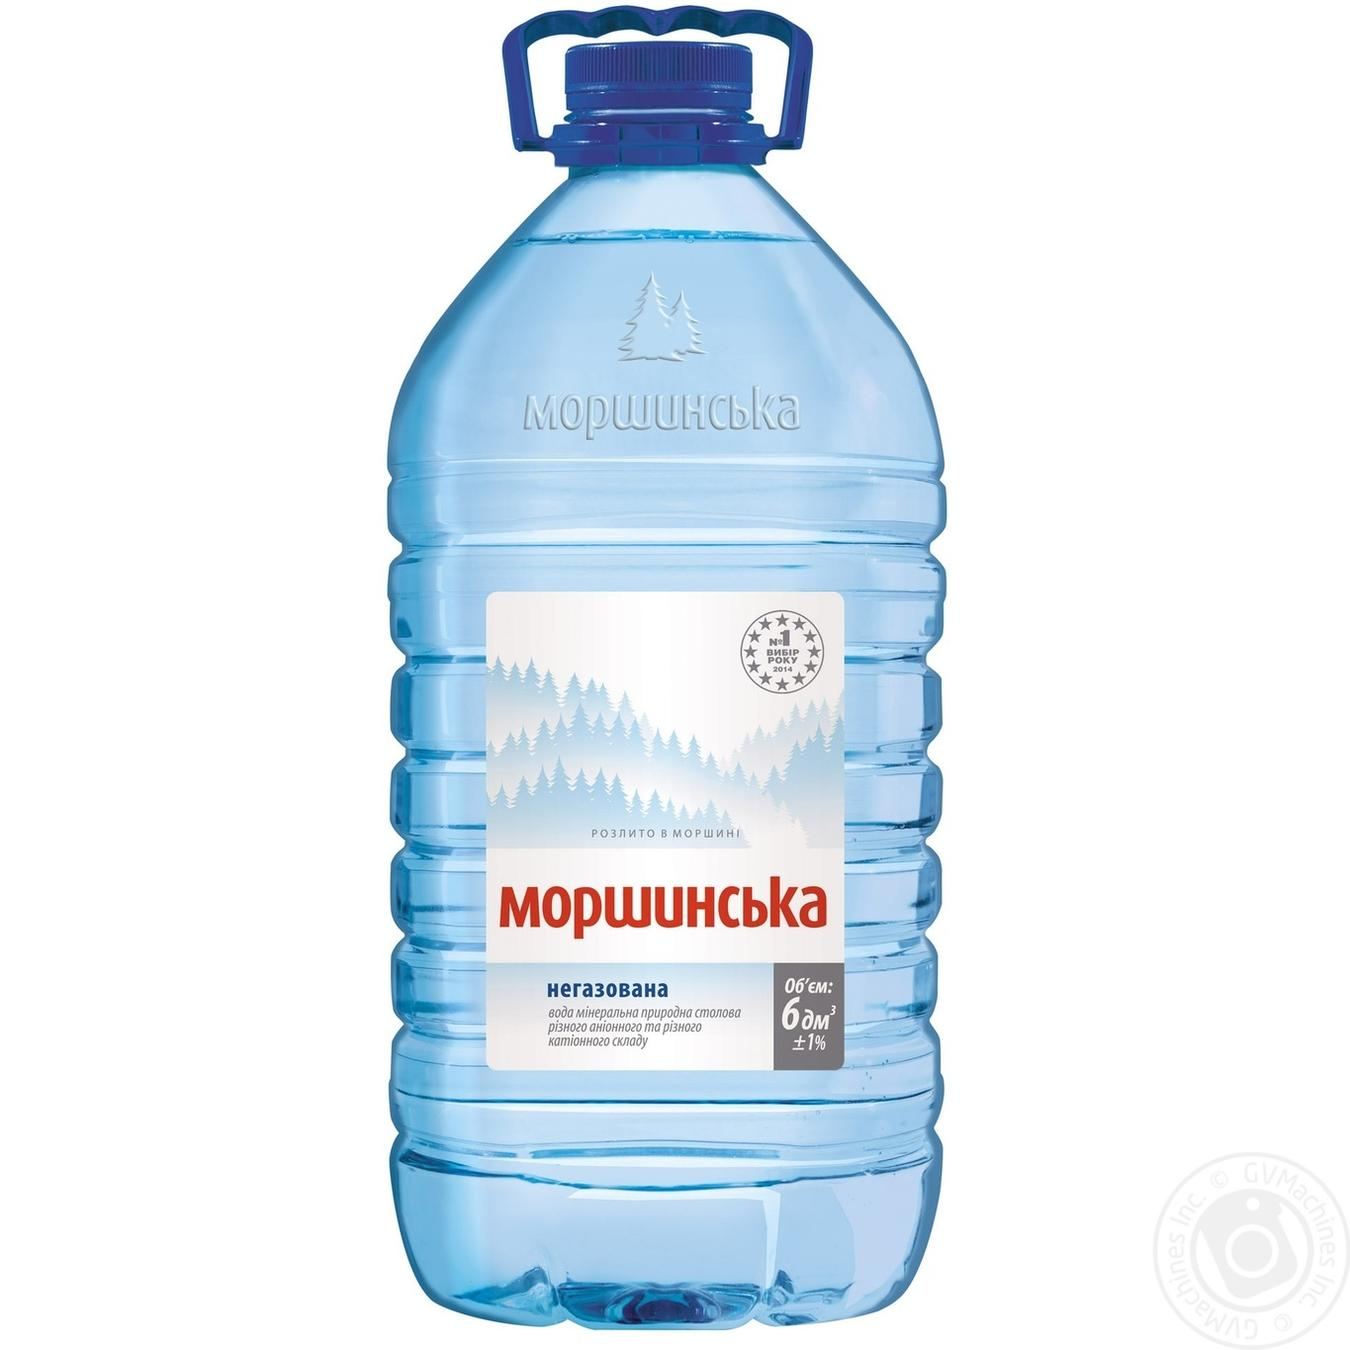 Купить Вода Моршинская негазировання 6л